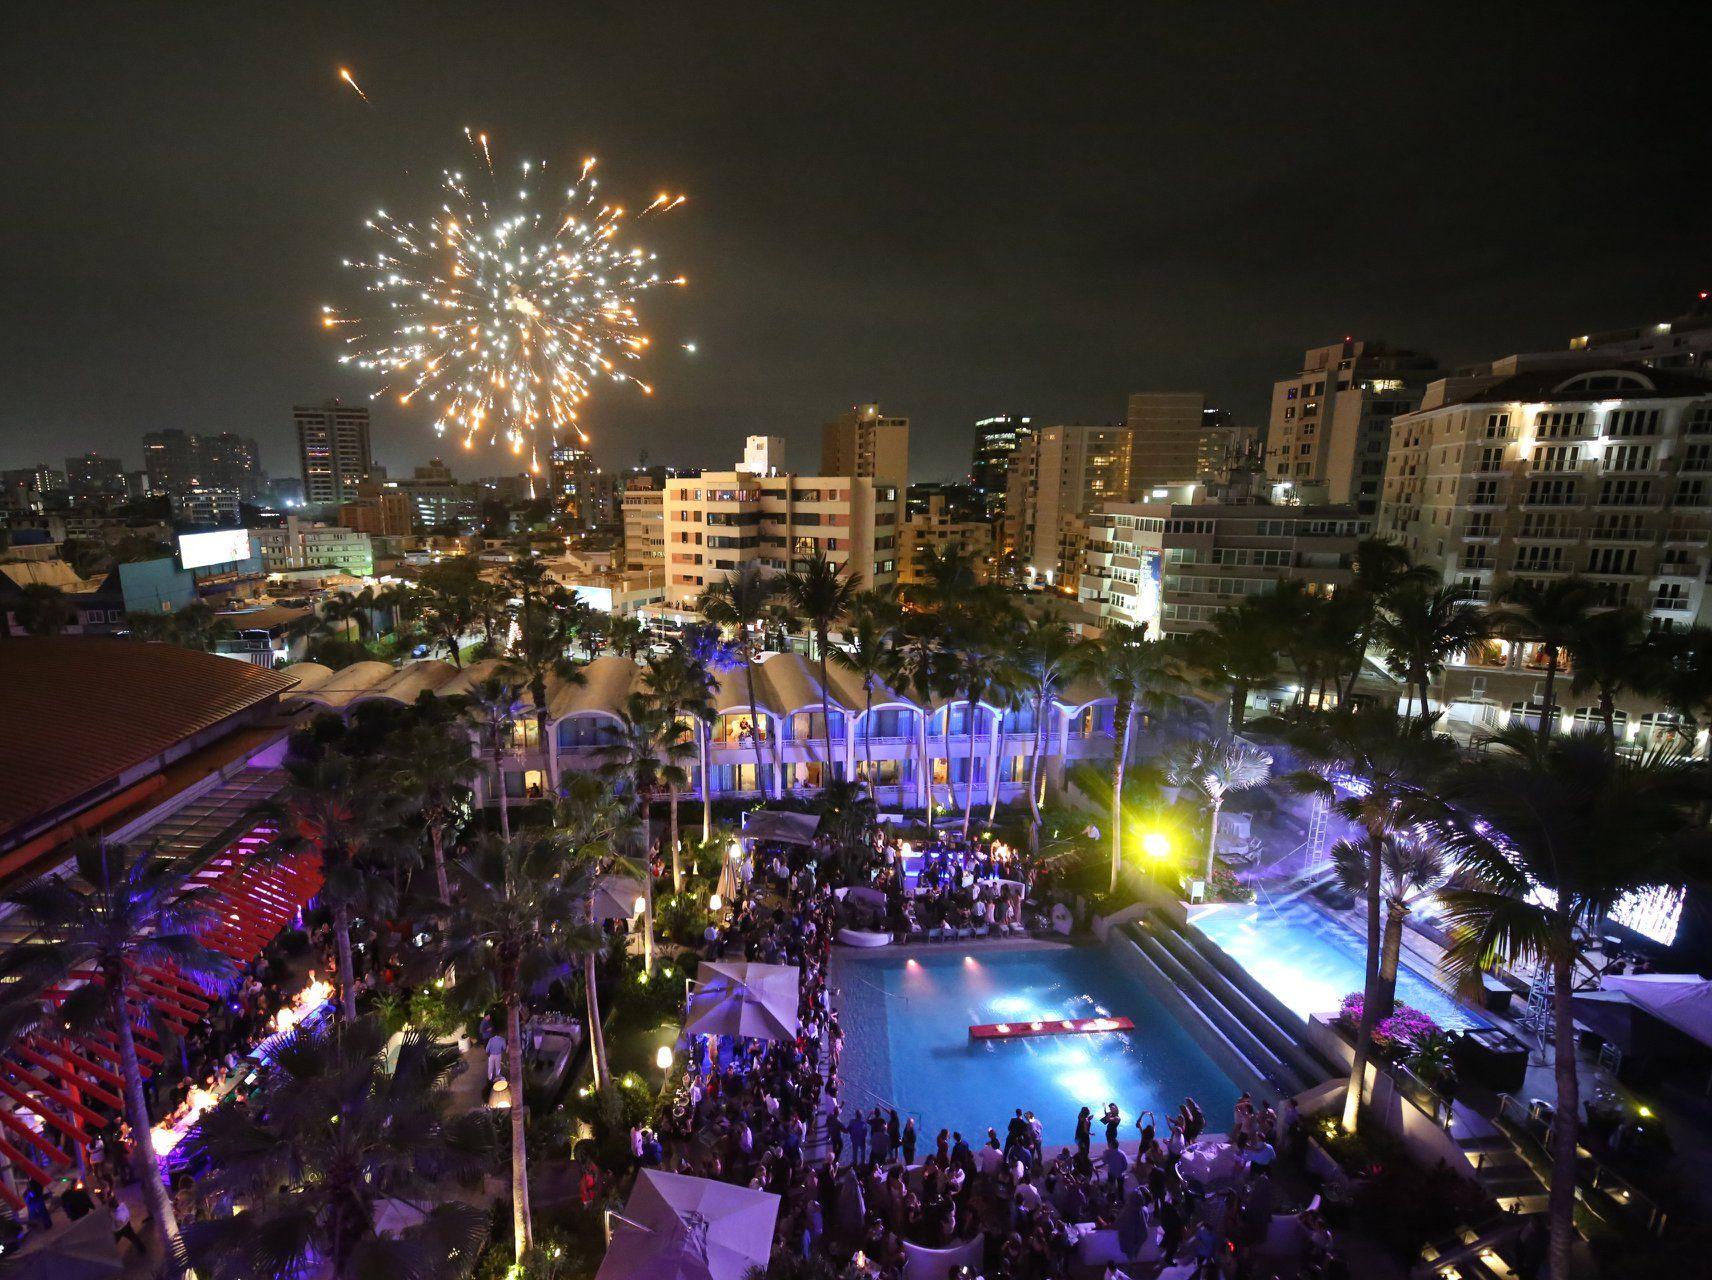 La Concha Resort culminó Stardust con fuegos artificiales. Suministradas